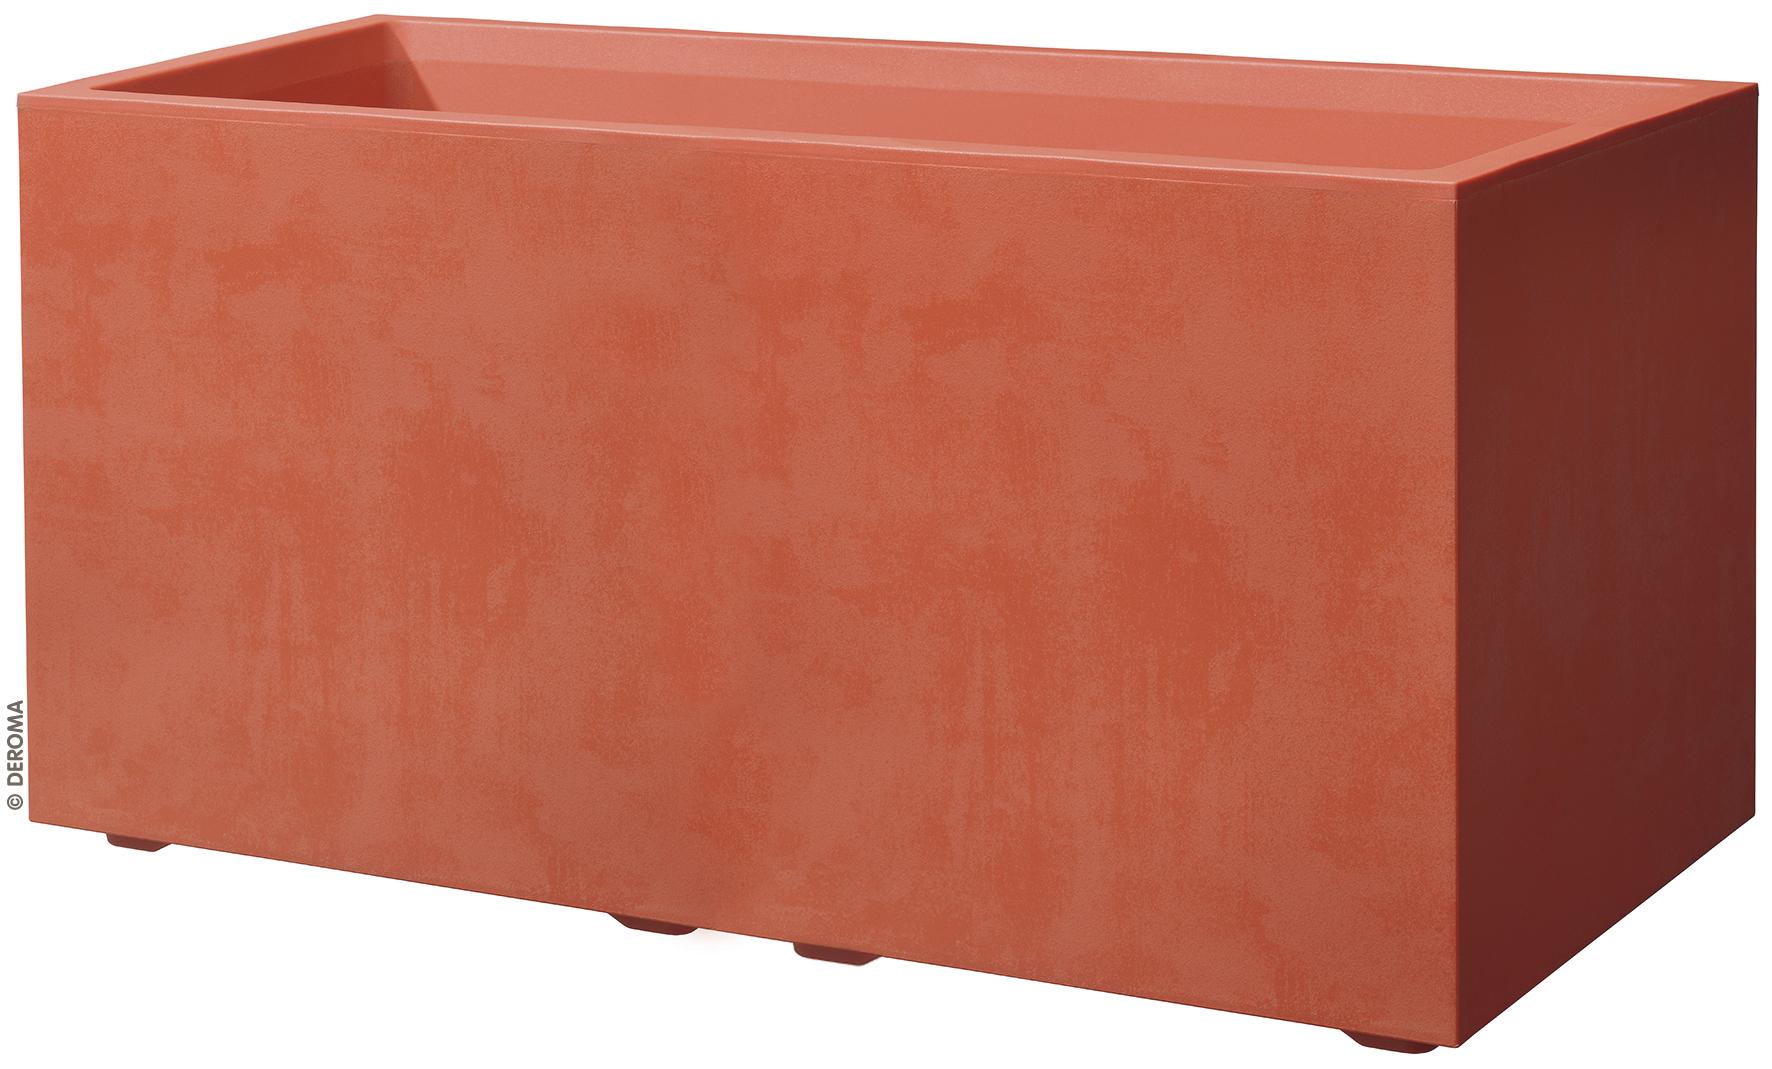 Керамично сандъче FACTORY се предлага в 2 цвята- корал и асфалт. Сандъчетата в цвят корал са атрактивни и се комбиниратмного приятно с цвят асфалт, който е мек и успокояващ. Комбинацията от двата цвята имабалансиран и стилен ефект.